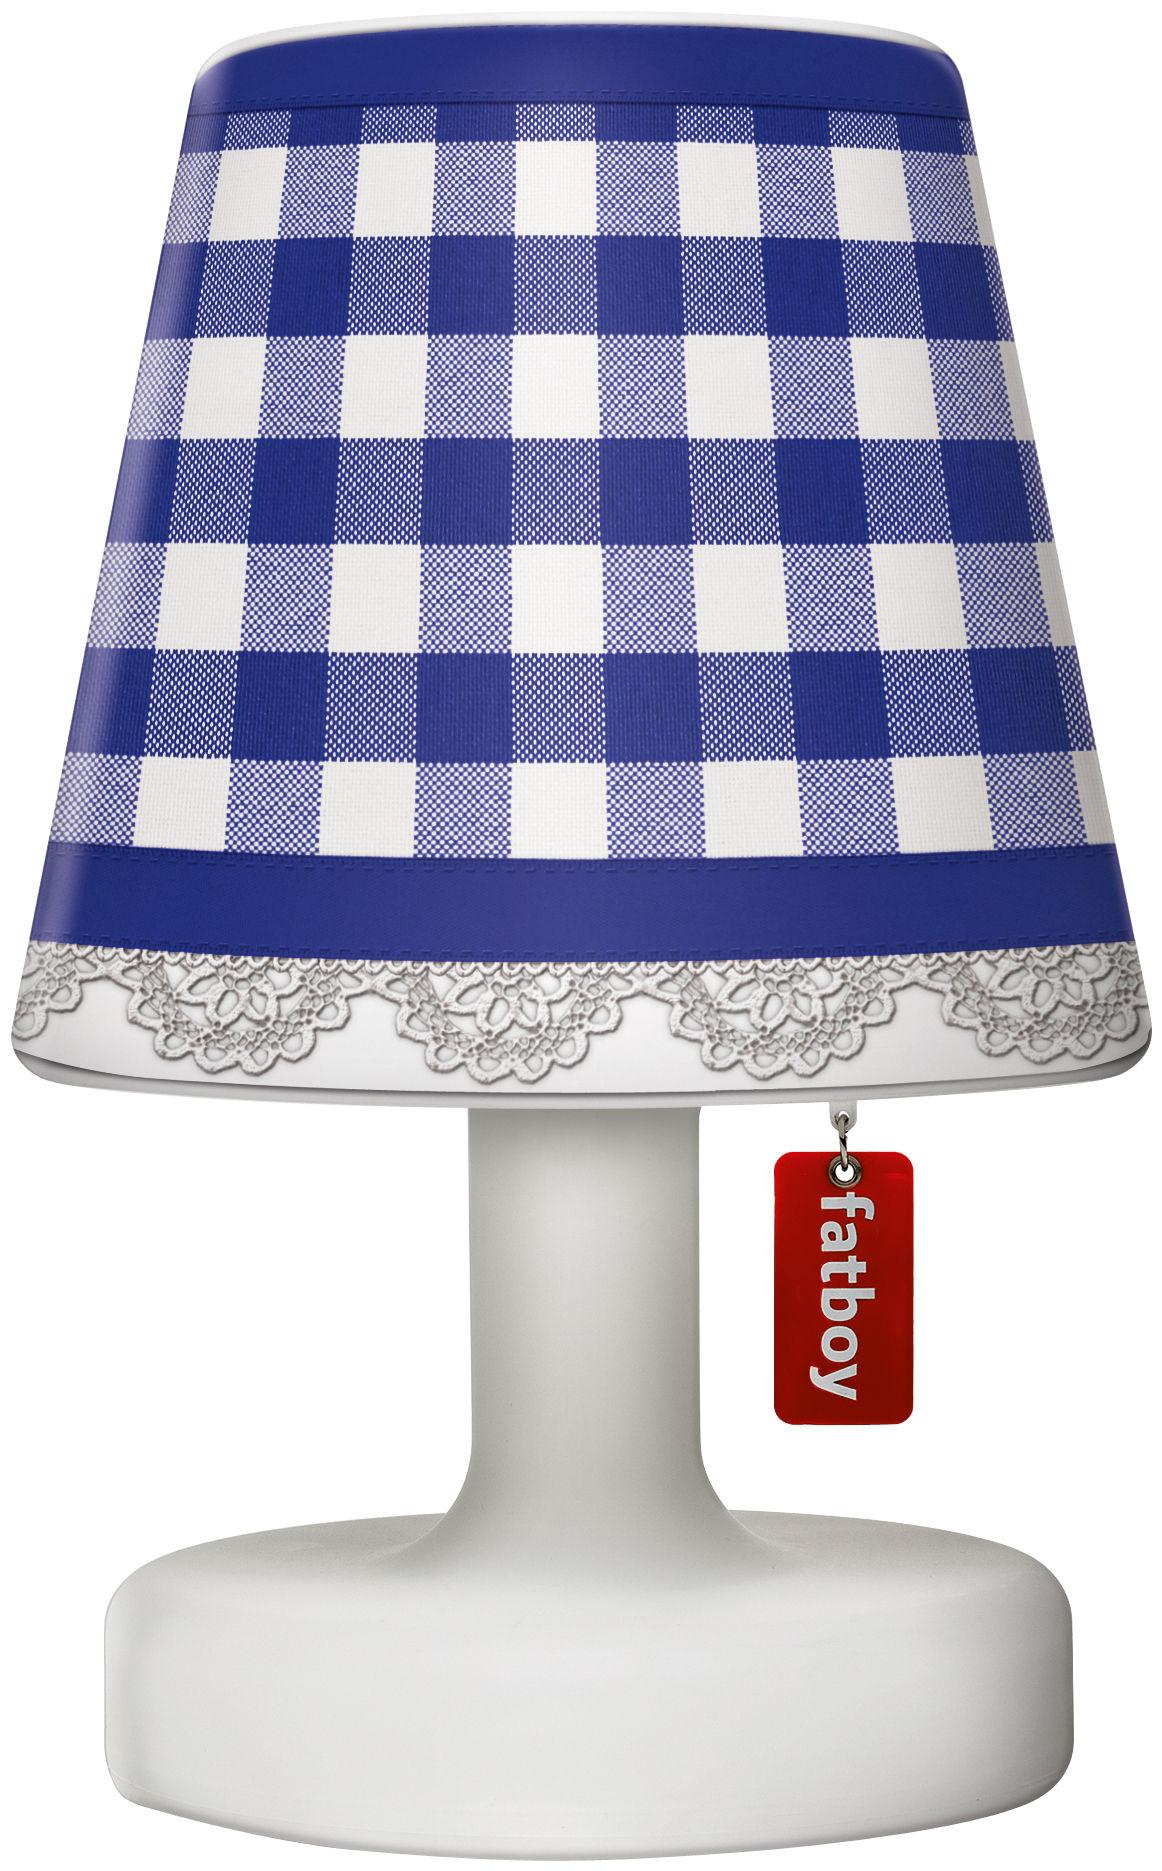 abat jour cooper cappie pour lampe edison the petit plaid bleu fatboy. Black Bedroom Furniture Sets. Home Design Ideas